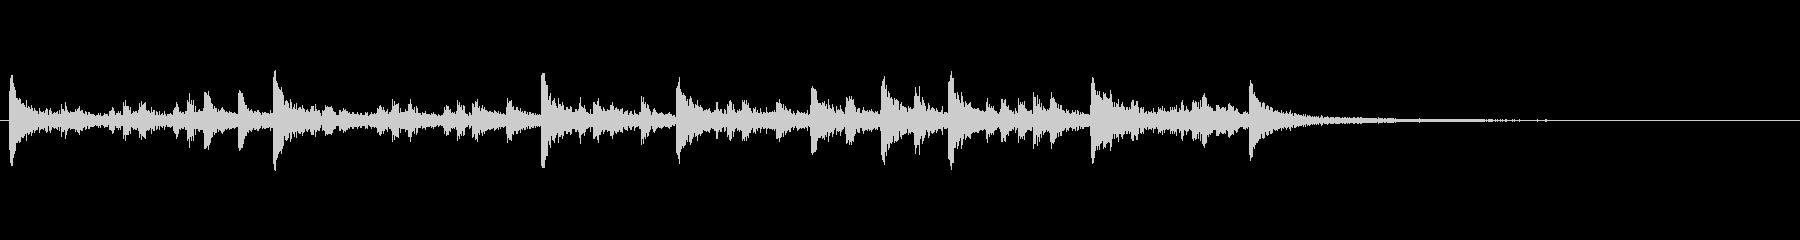 ファーストアクセント、音楽、パーカ...の未再生の波形